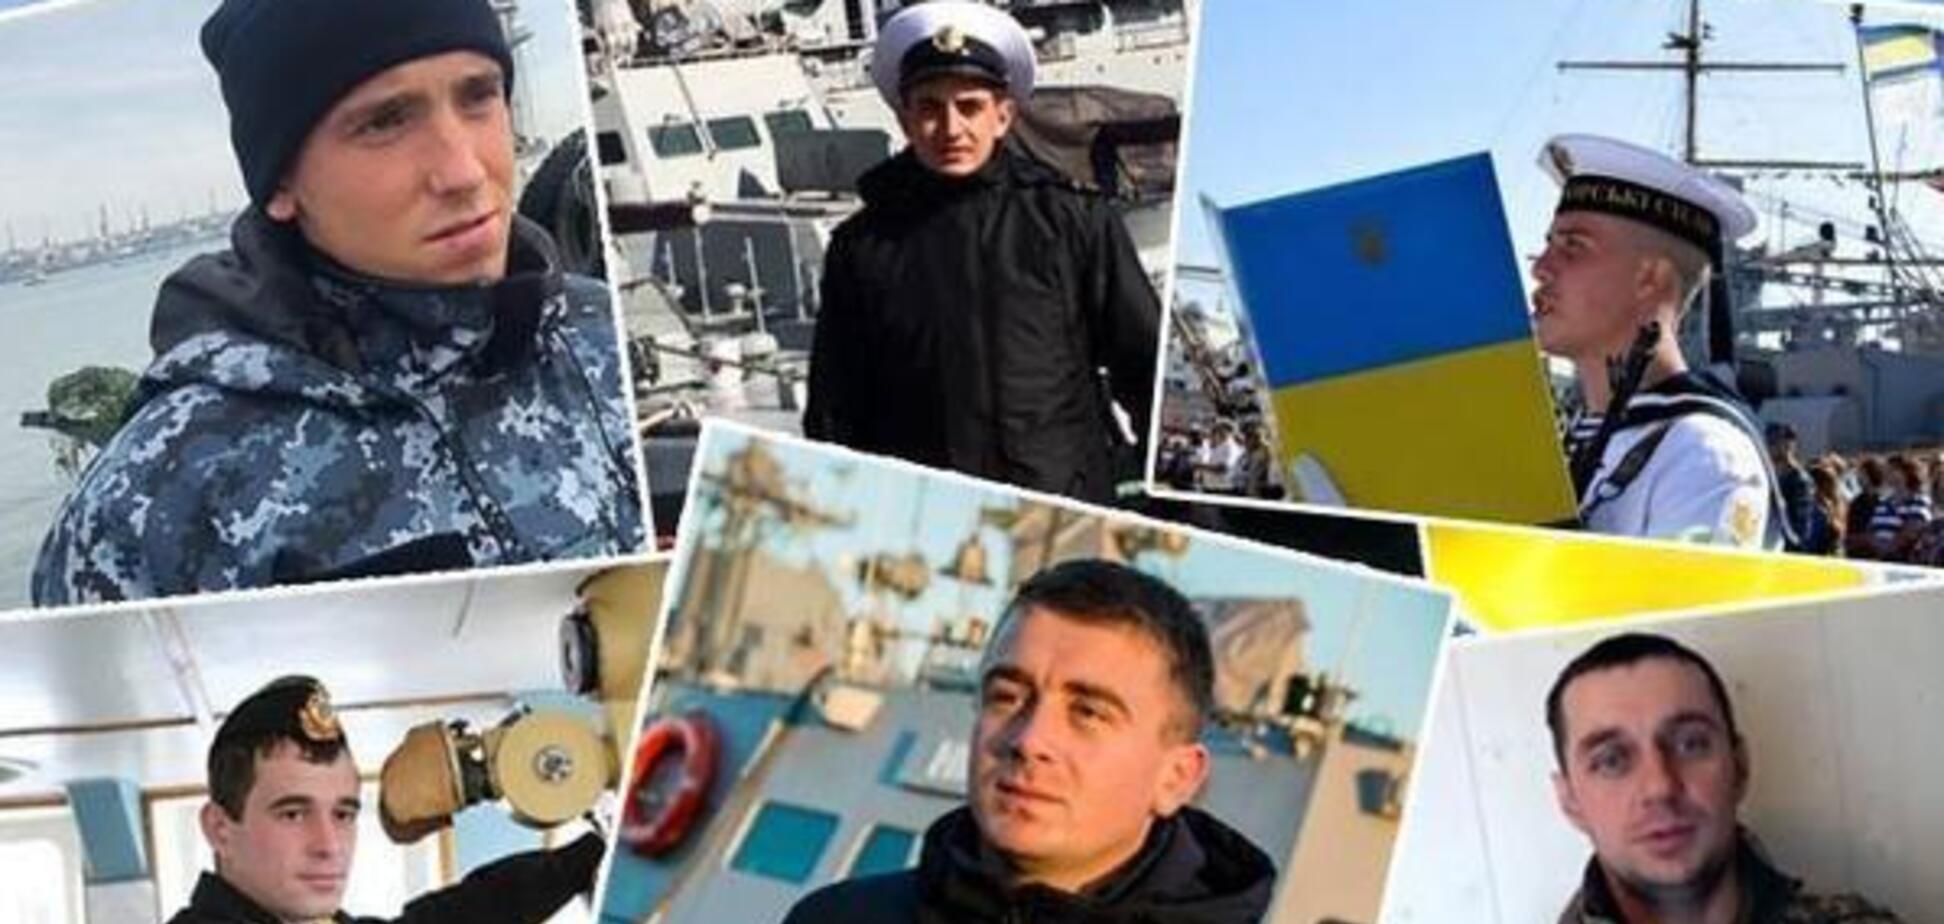 Захоплення українських моряків: суд у Москві ухвалив нове рішення